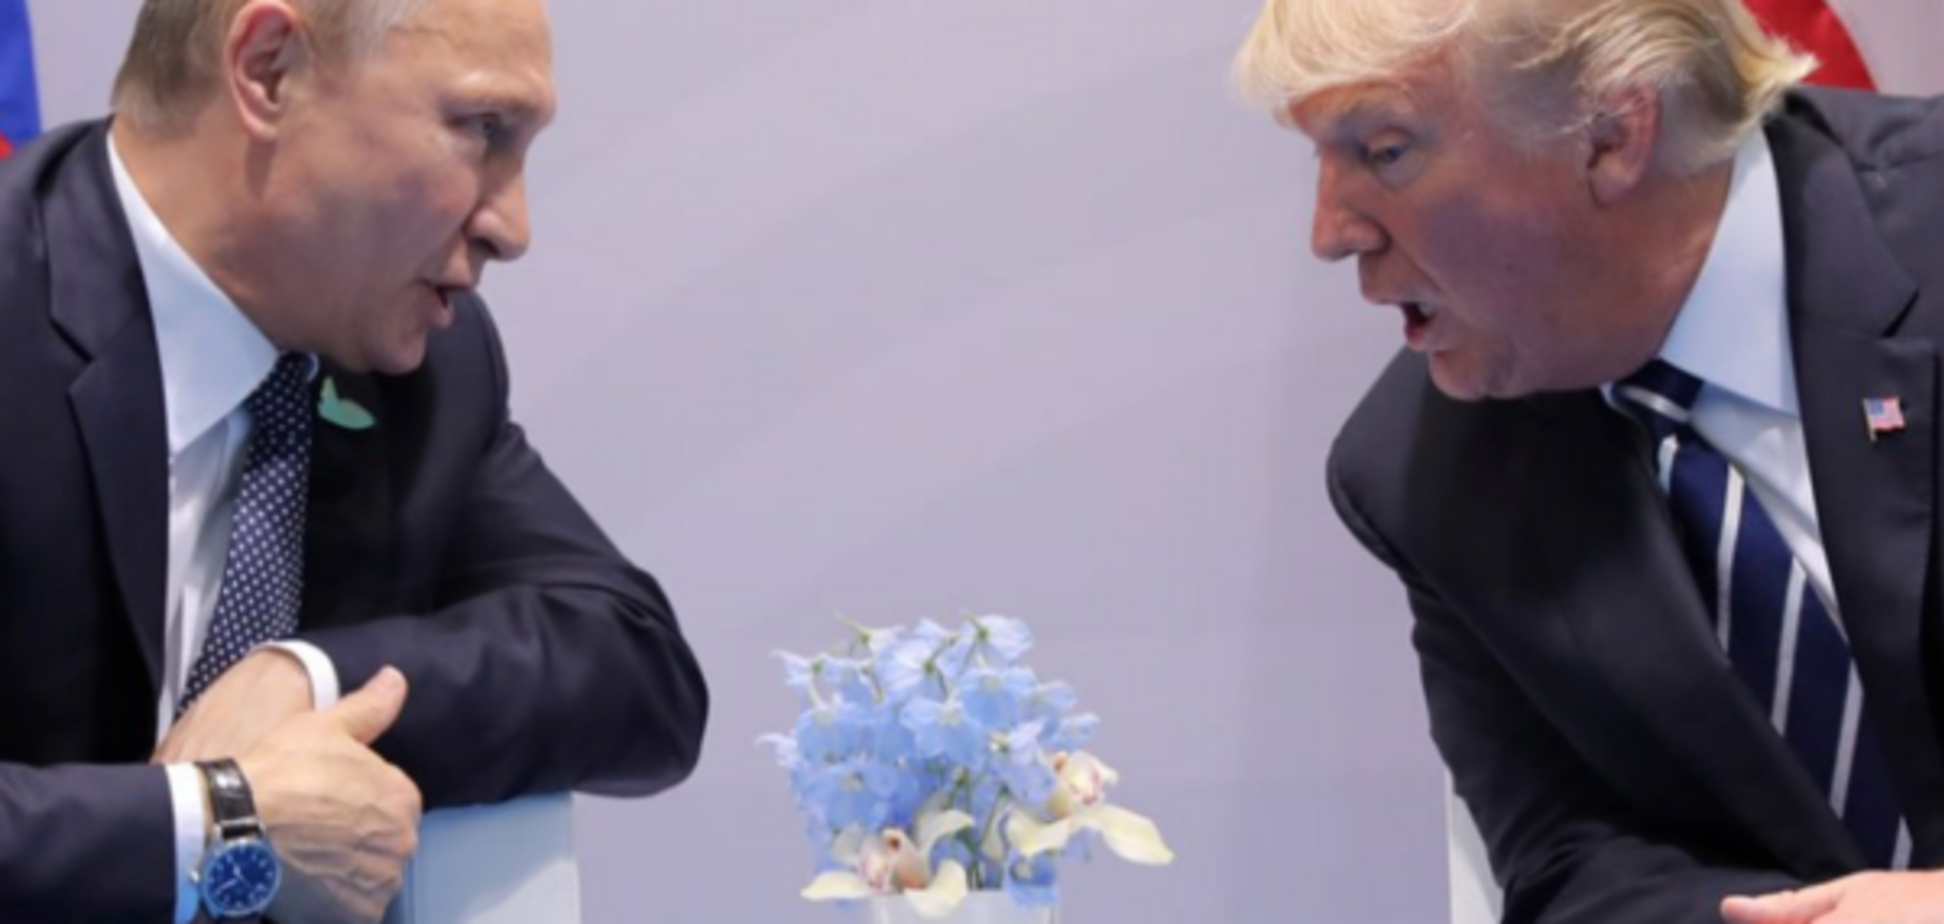 Володимир Путін, Дональд Трамп